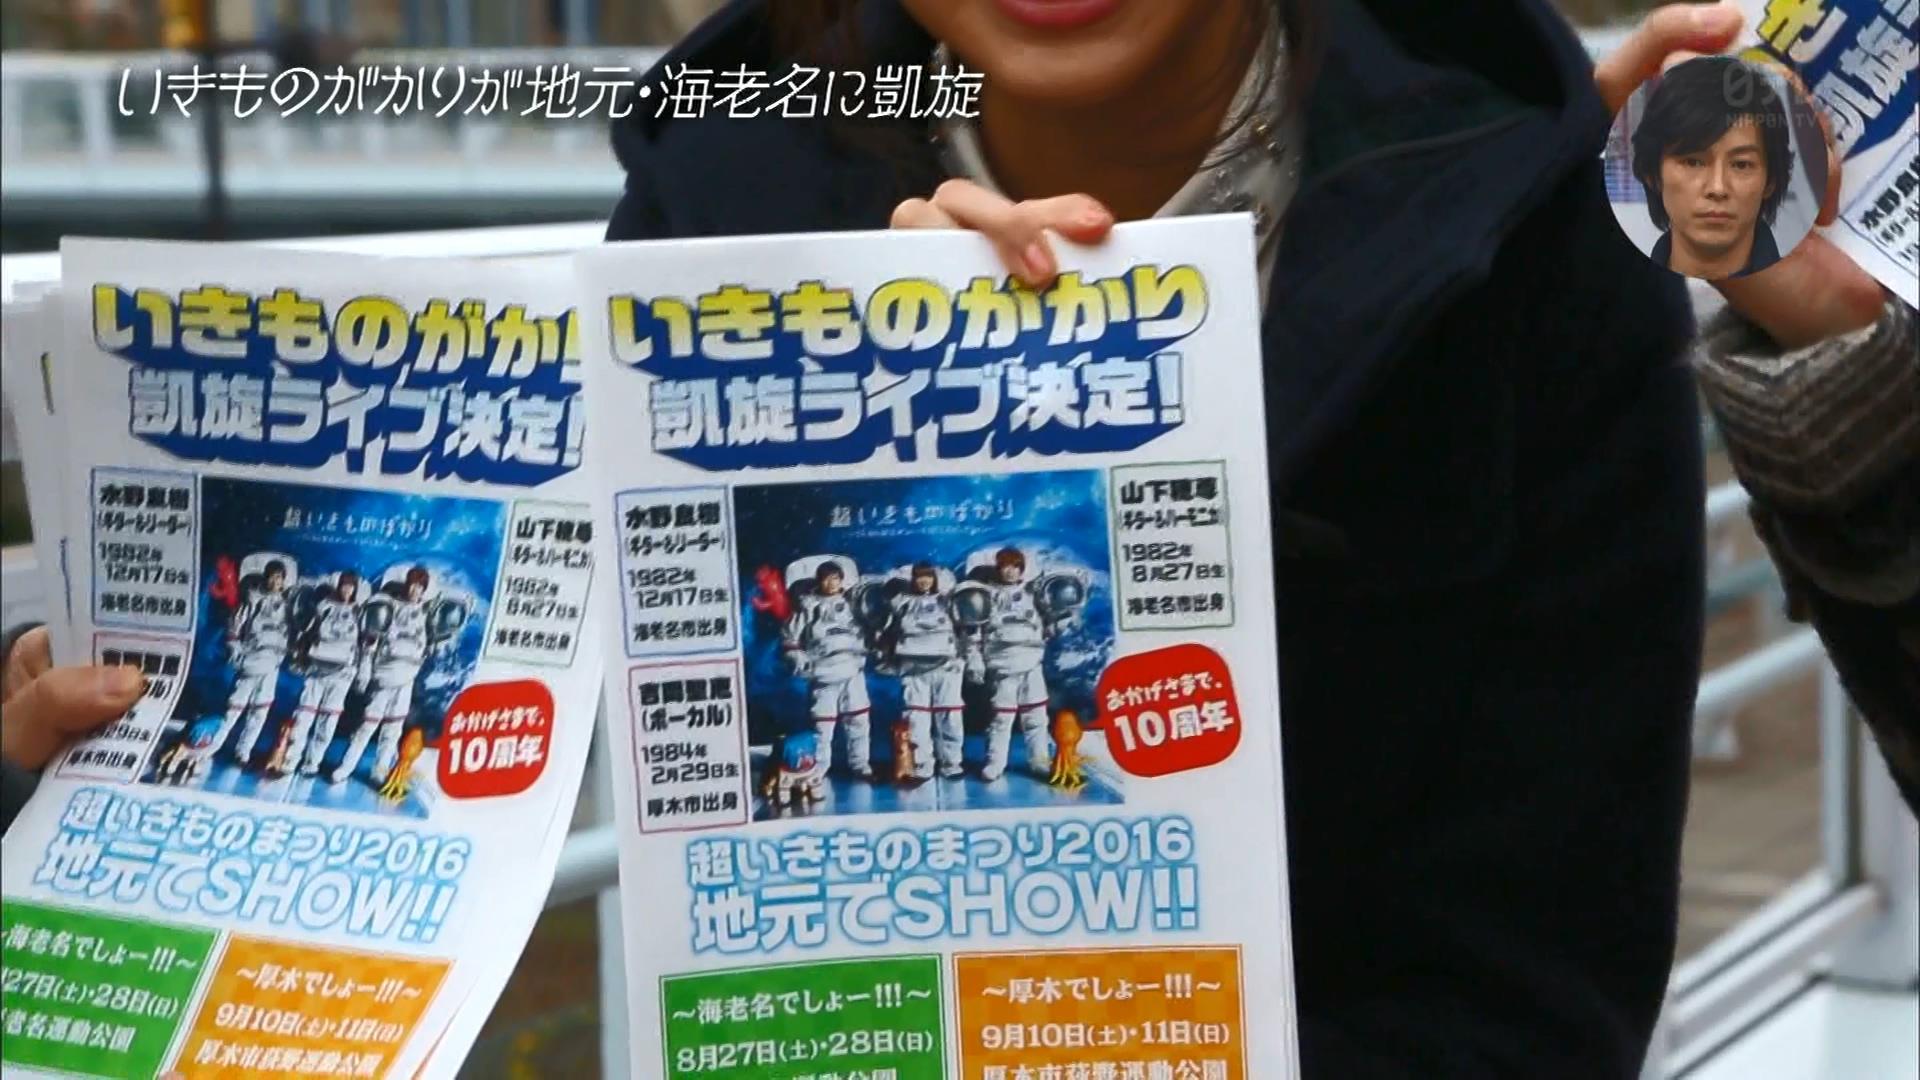 2016.03.13 全場(おしゃれイズム).ts_20160314_010311.365